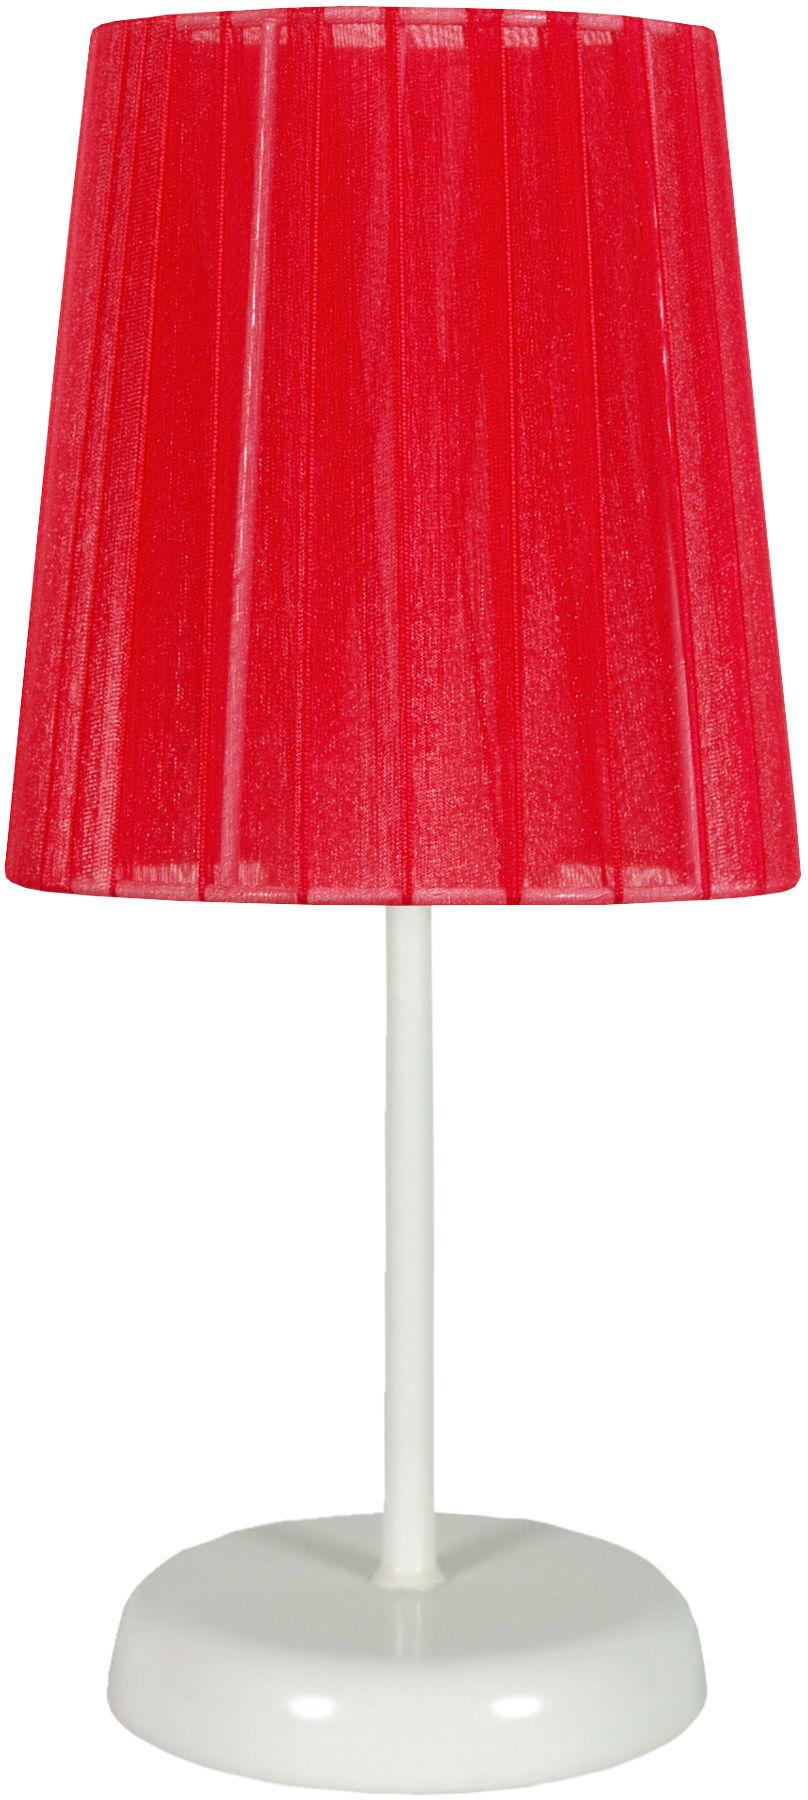 Candellux RIFASA 41-25296 lampa stołowa abażur czerwona 1X40W E14 14 cm